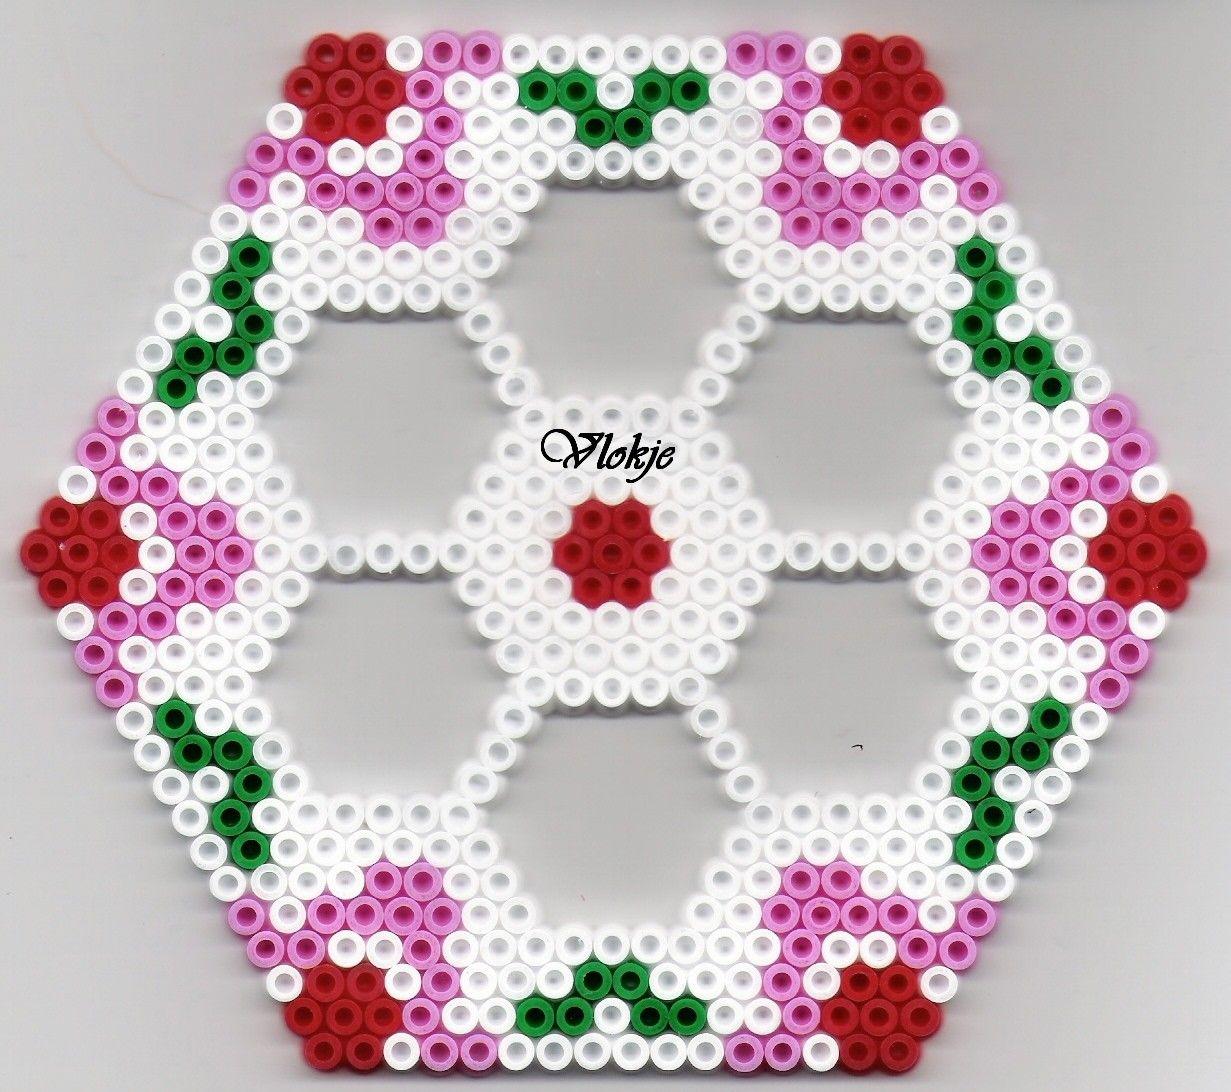 Sechseck Bugelperlen Hexa Perler Beads Perler Crafts Perler Beads Designs Perler Bead Patterns